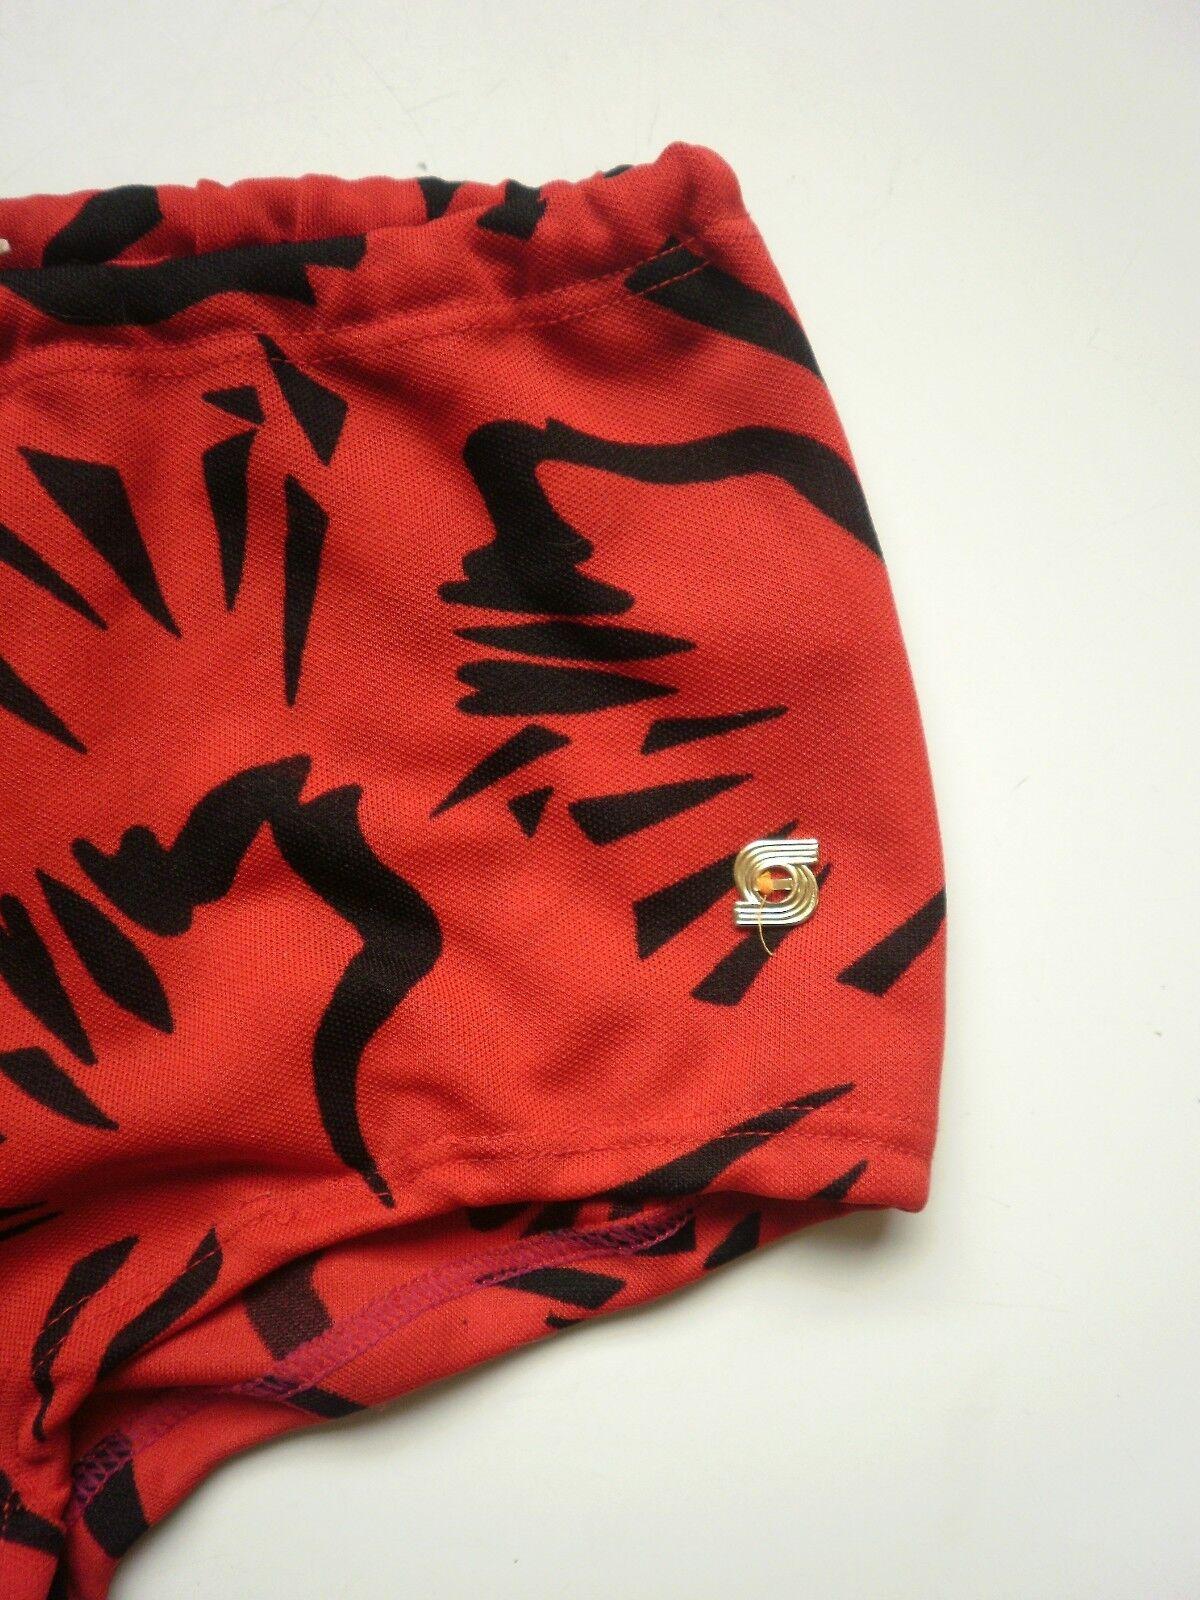 Badehose VEB DDR Sporett Swim Suit Badeslip 70er True Vintage GDR rot schwarz D6  | Elegante Form  | Elegante und robuste Verpackung  | Sonderkauf